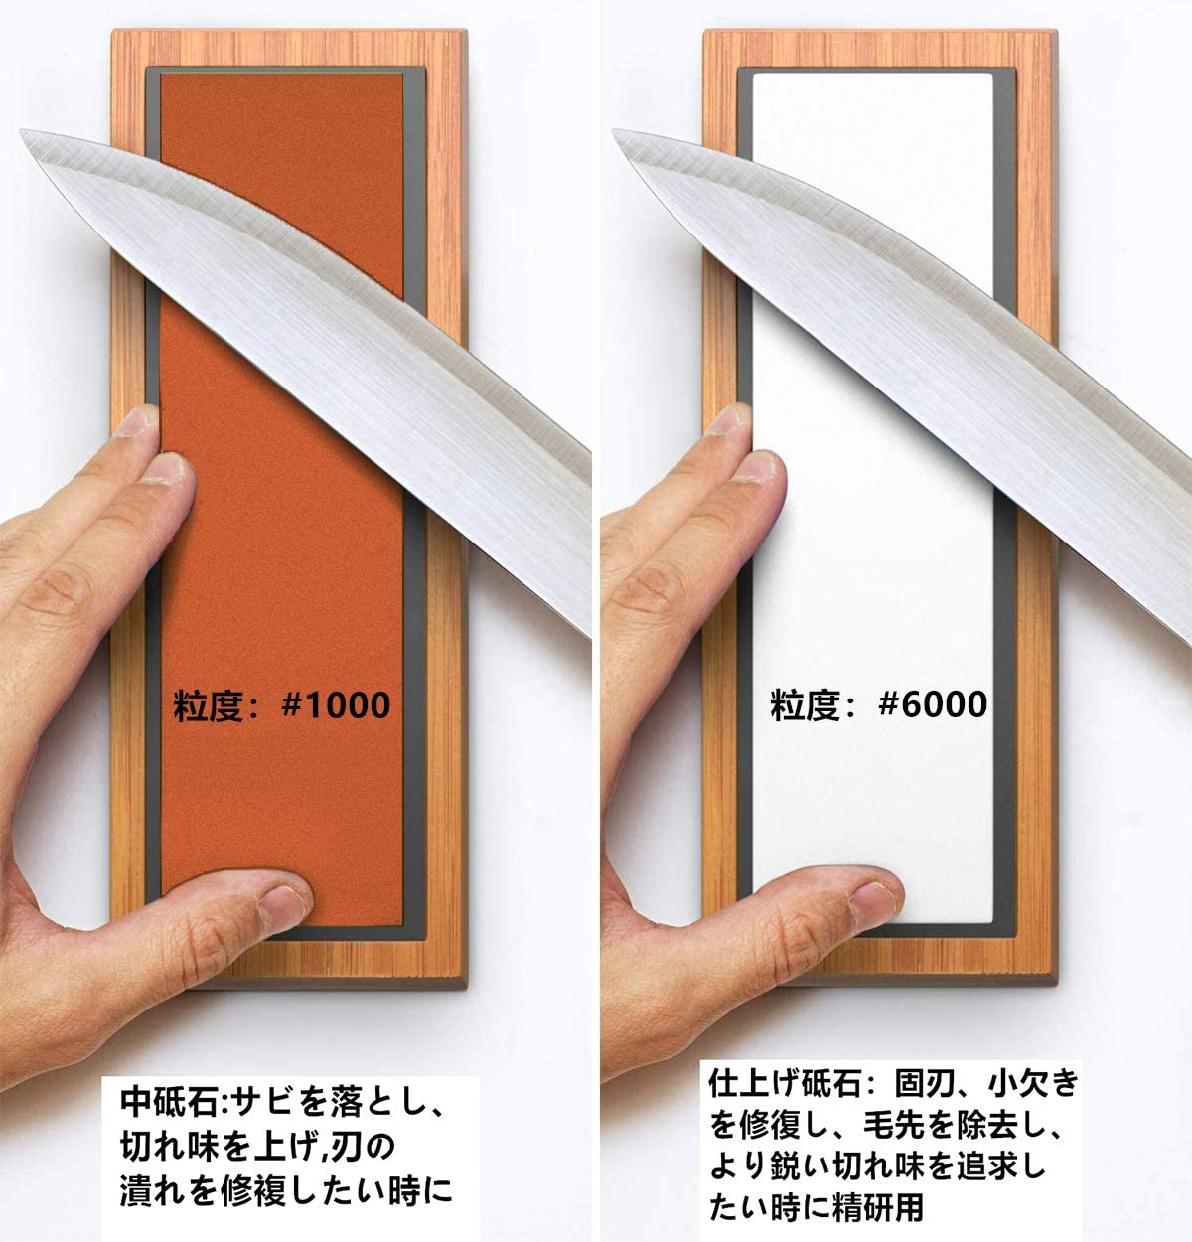 WETRY 両面砥石 #1000/#6000 24 x 10 x 6.5 cmの商品画像3